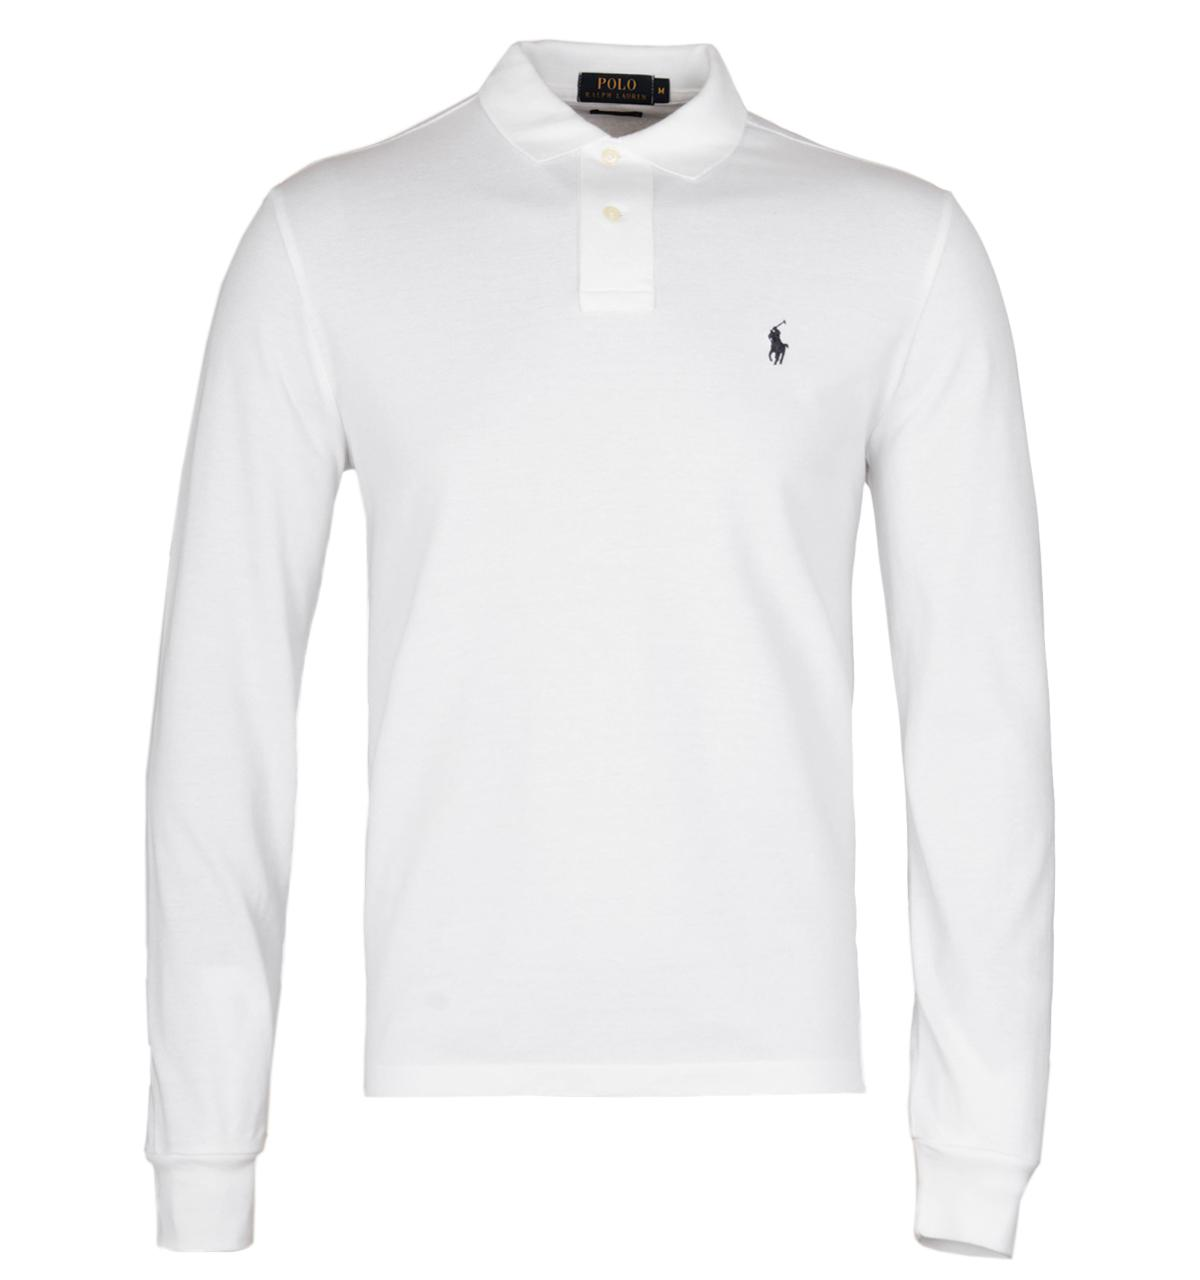 Lyst - Polo Ralph Lauren White Long Sleeve Mesh Polo Shirt in White for Men